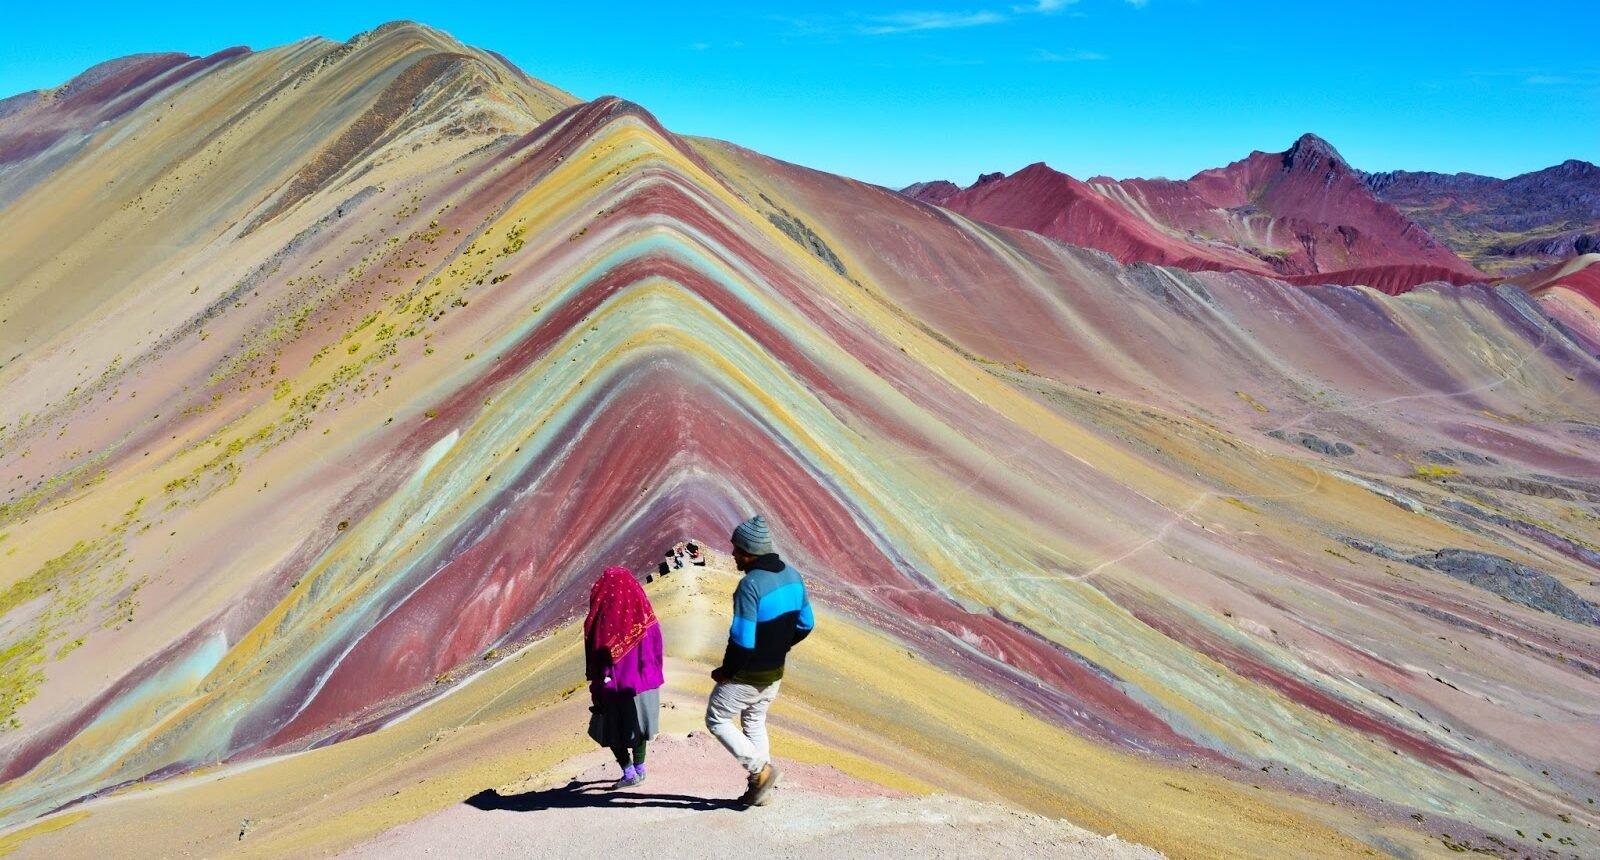 Montaña de Siete Colores Cusco